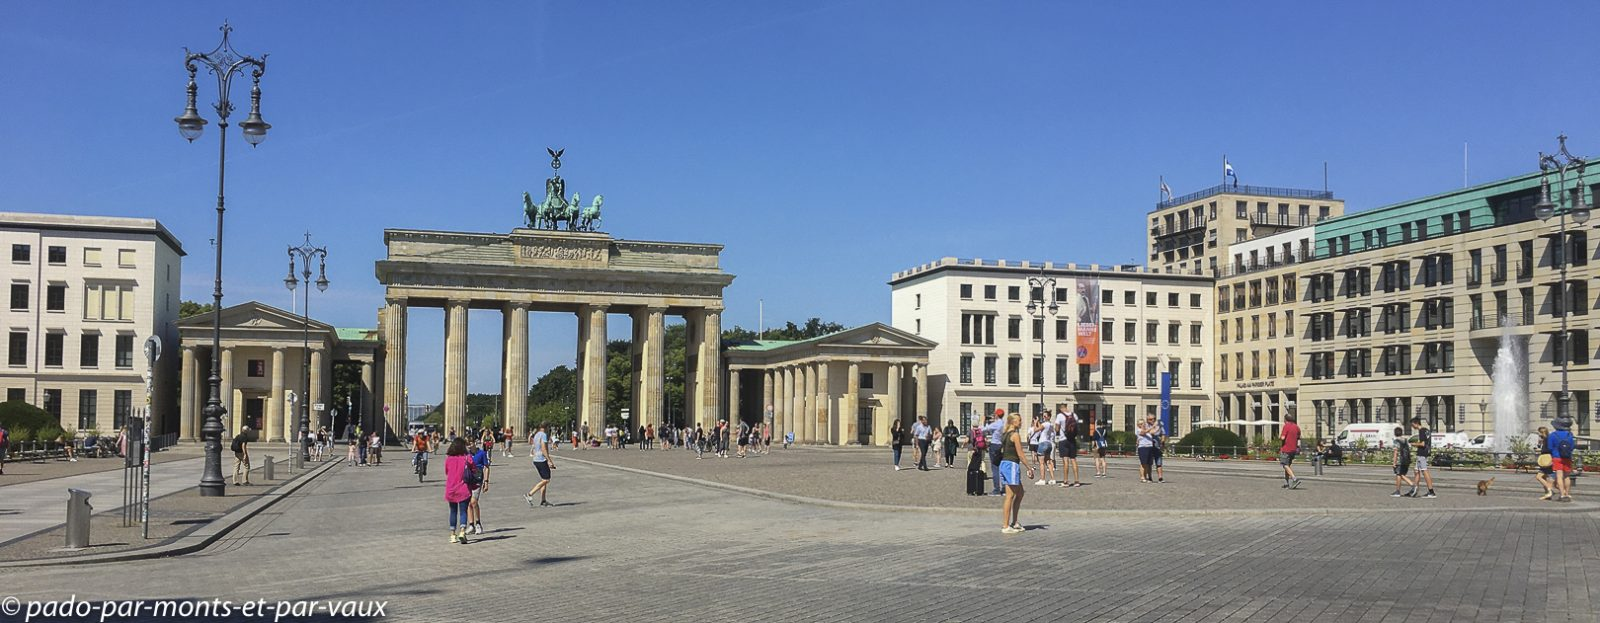 Berlin - Porte de Brandebourg